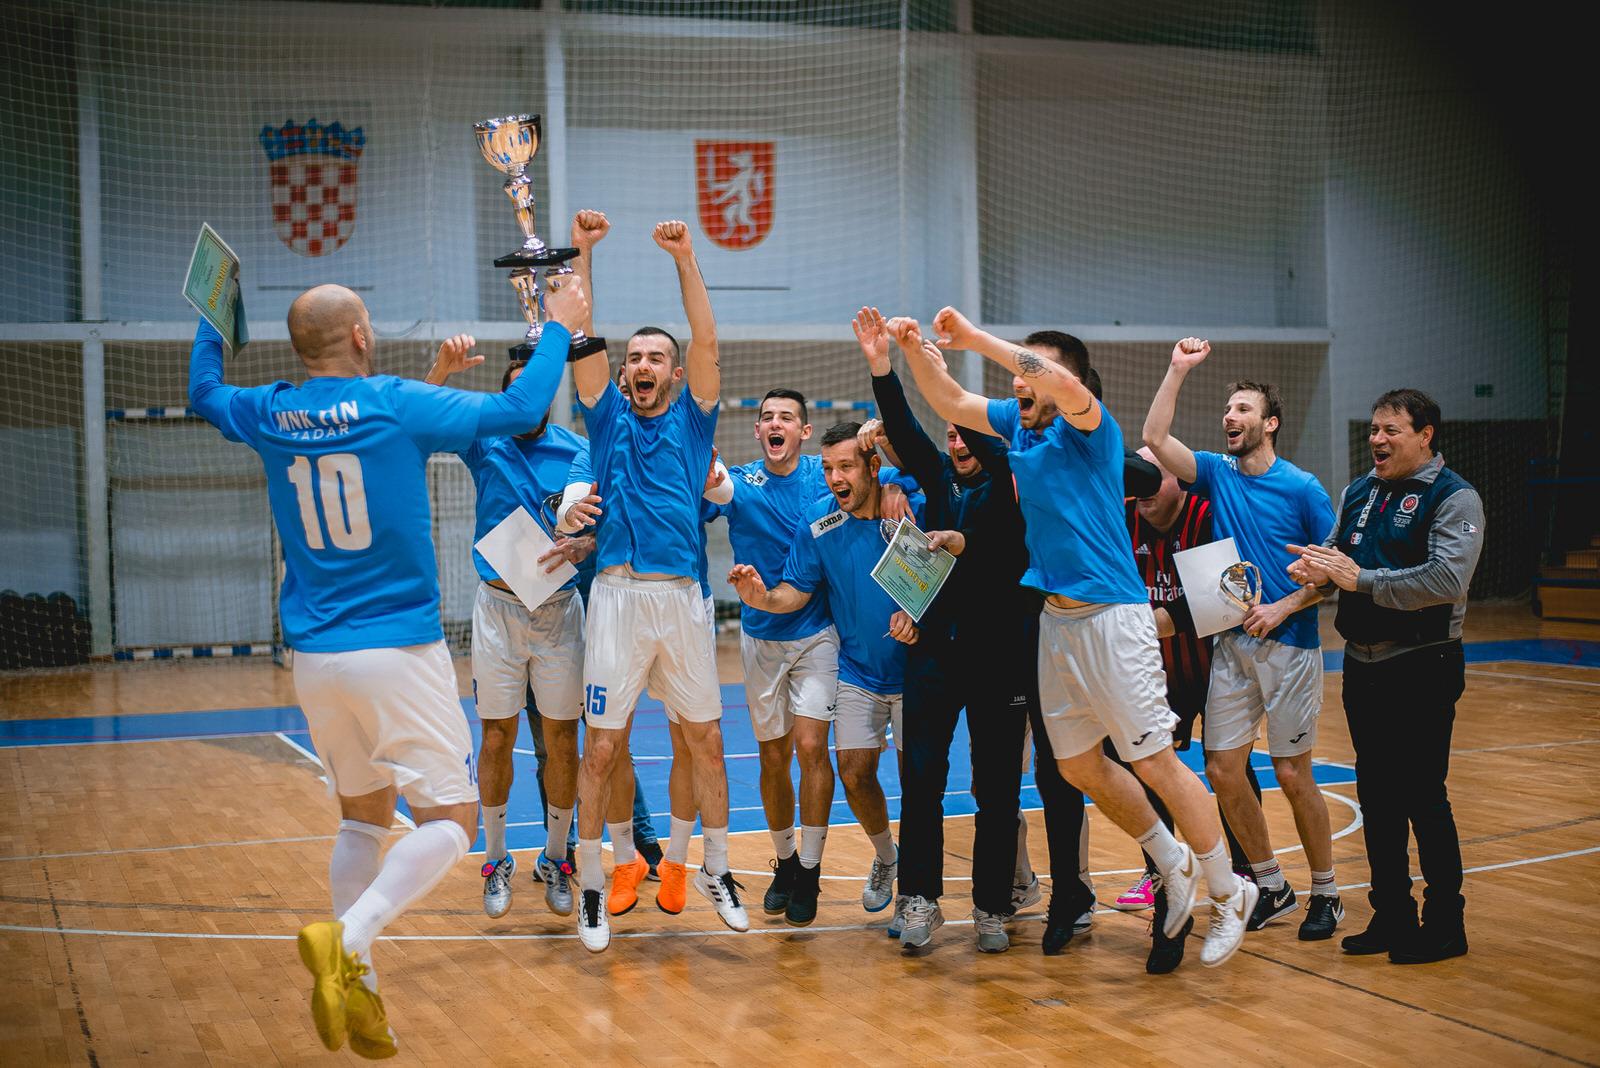 likaclub_gospić_zimski-malonogometni-turnir-2018-19-111